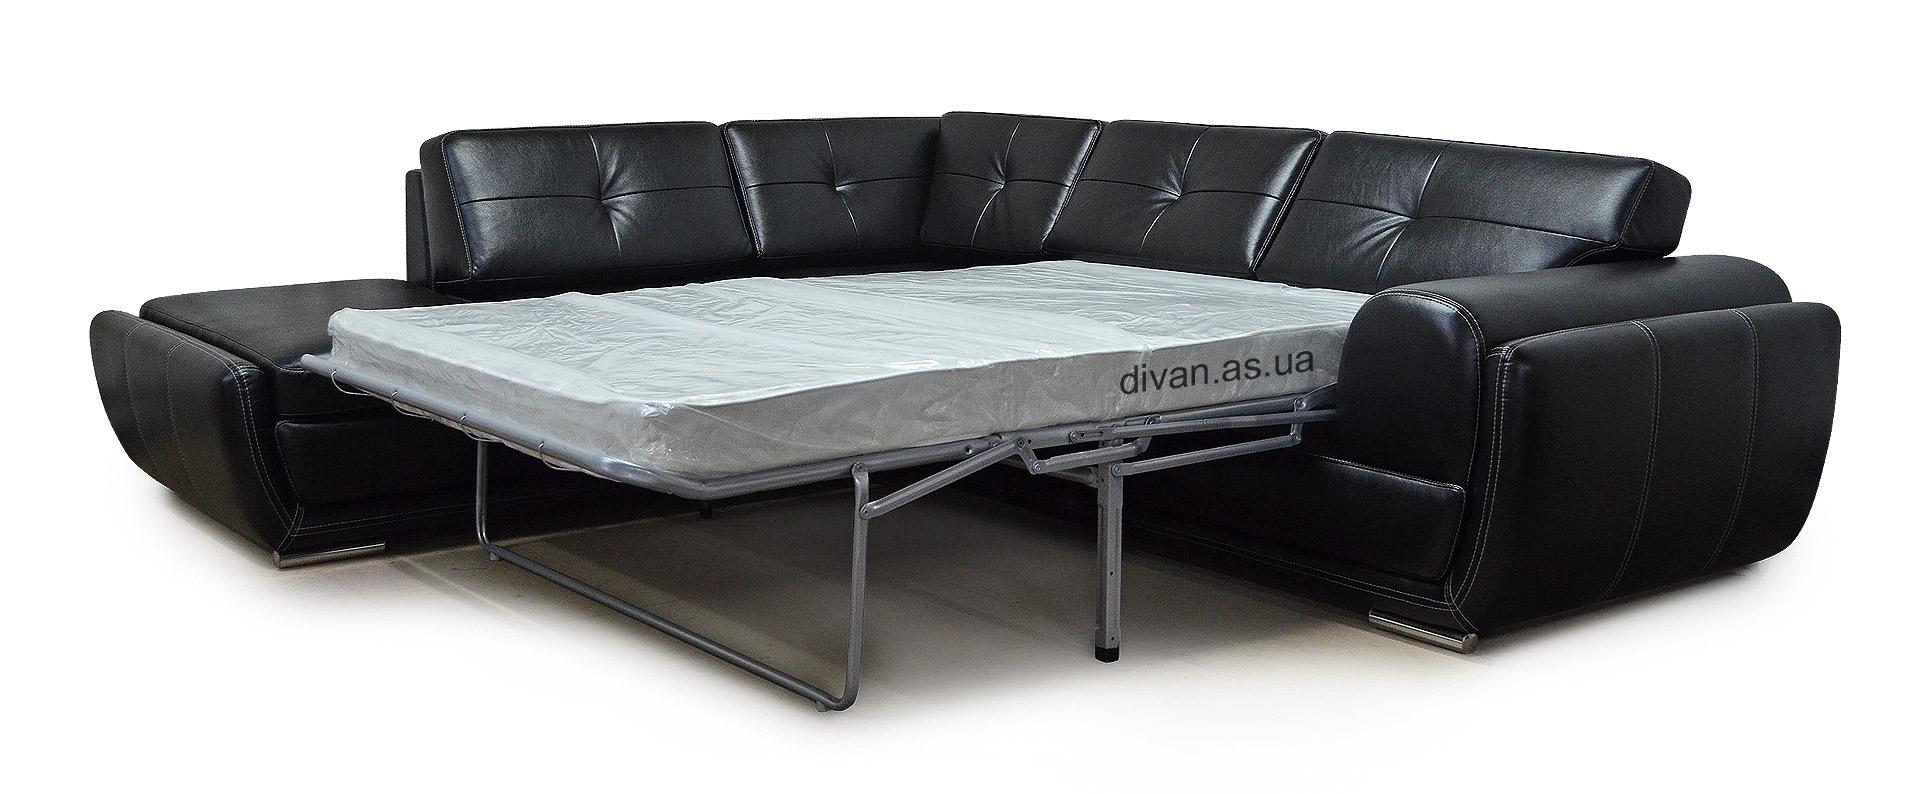 Габаритные размеры углового дивана